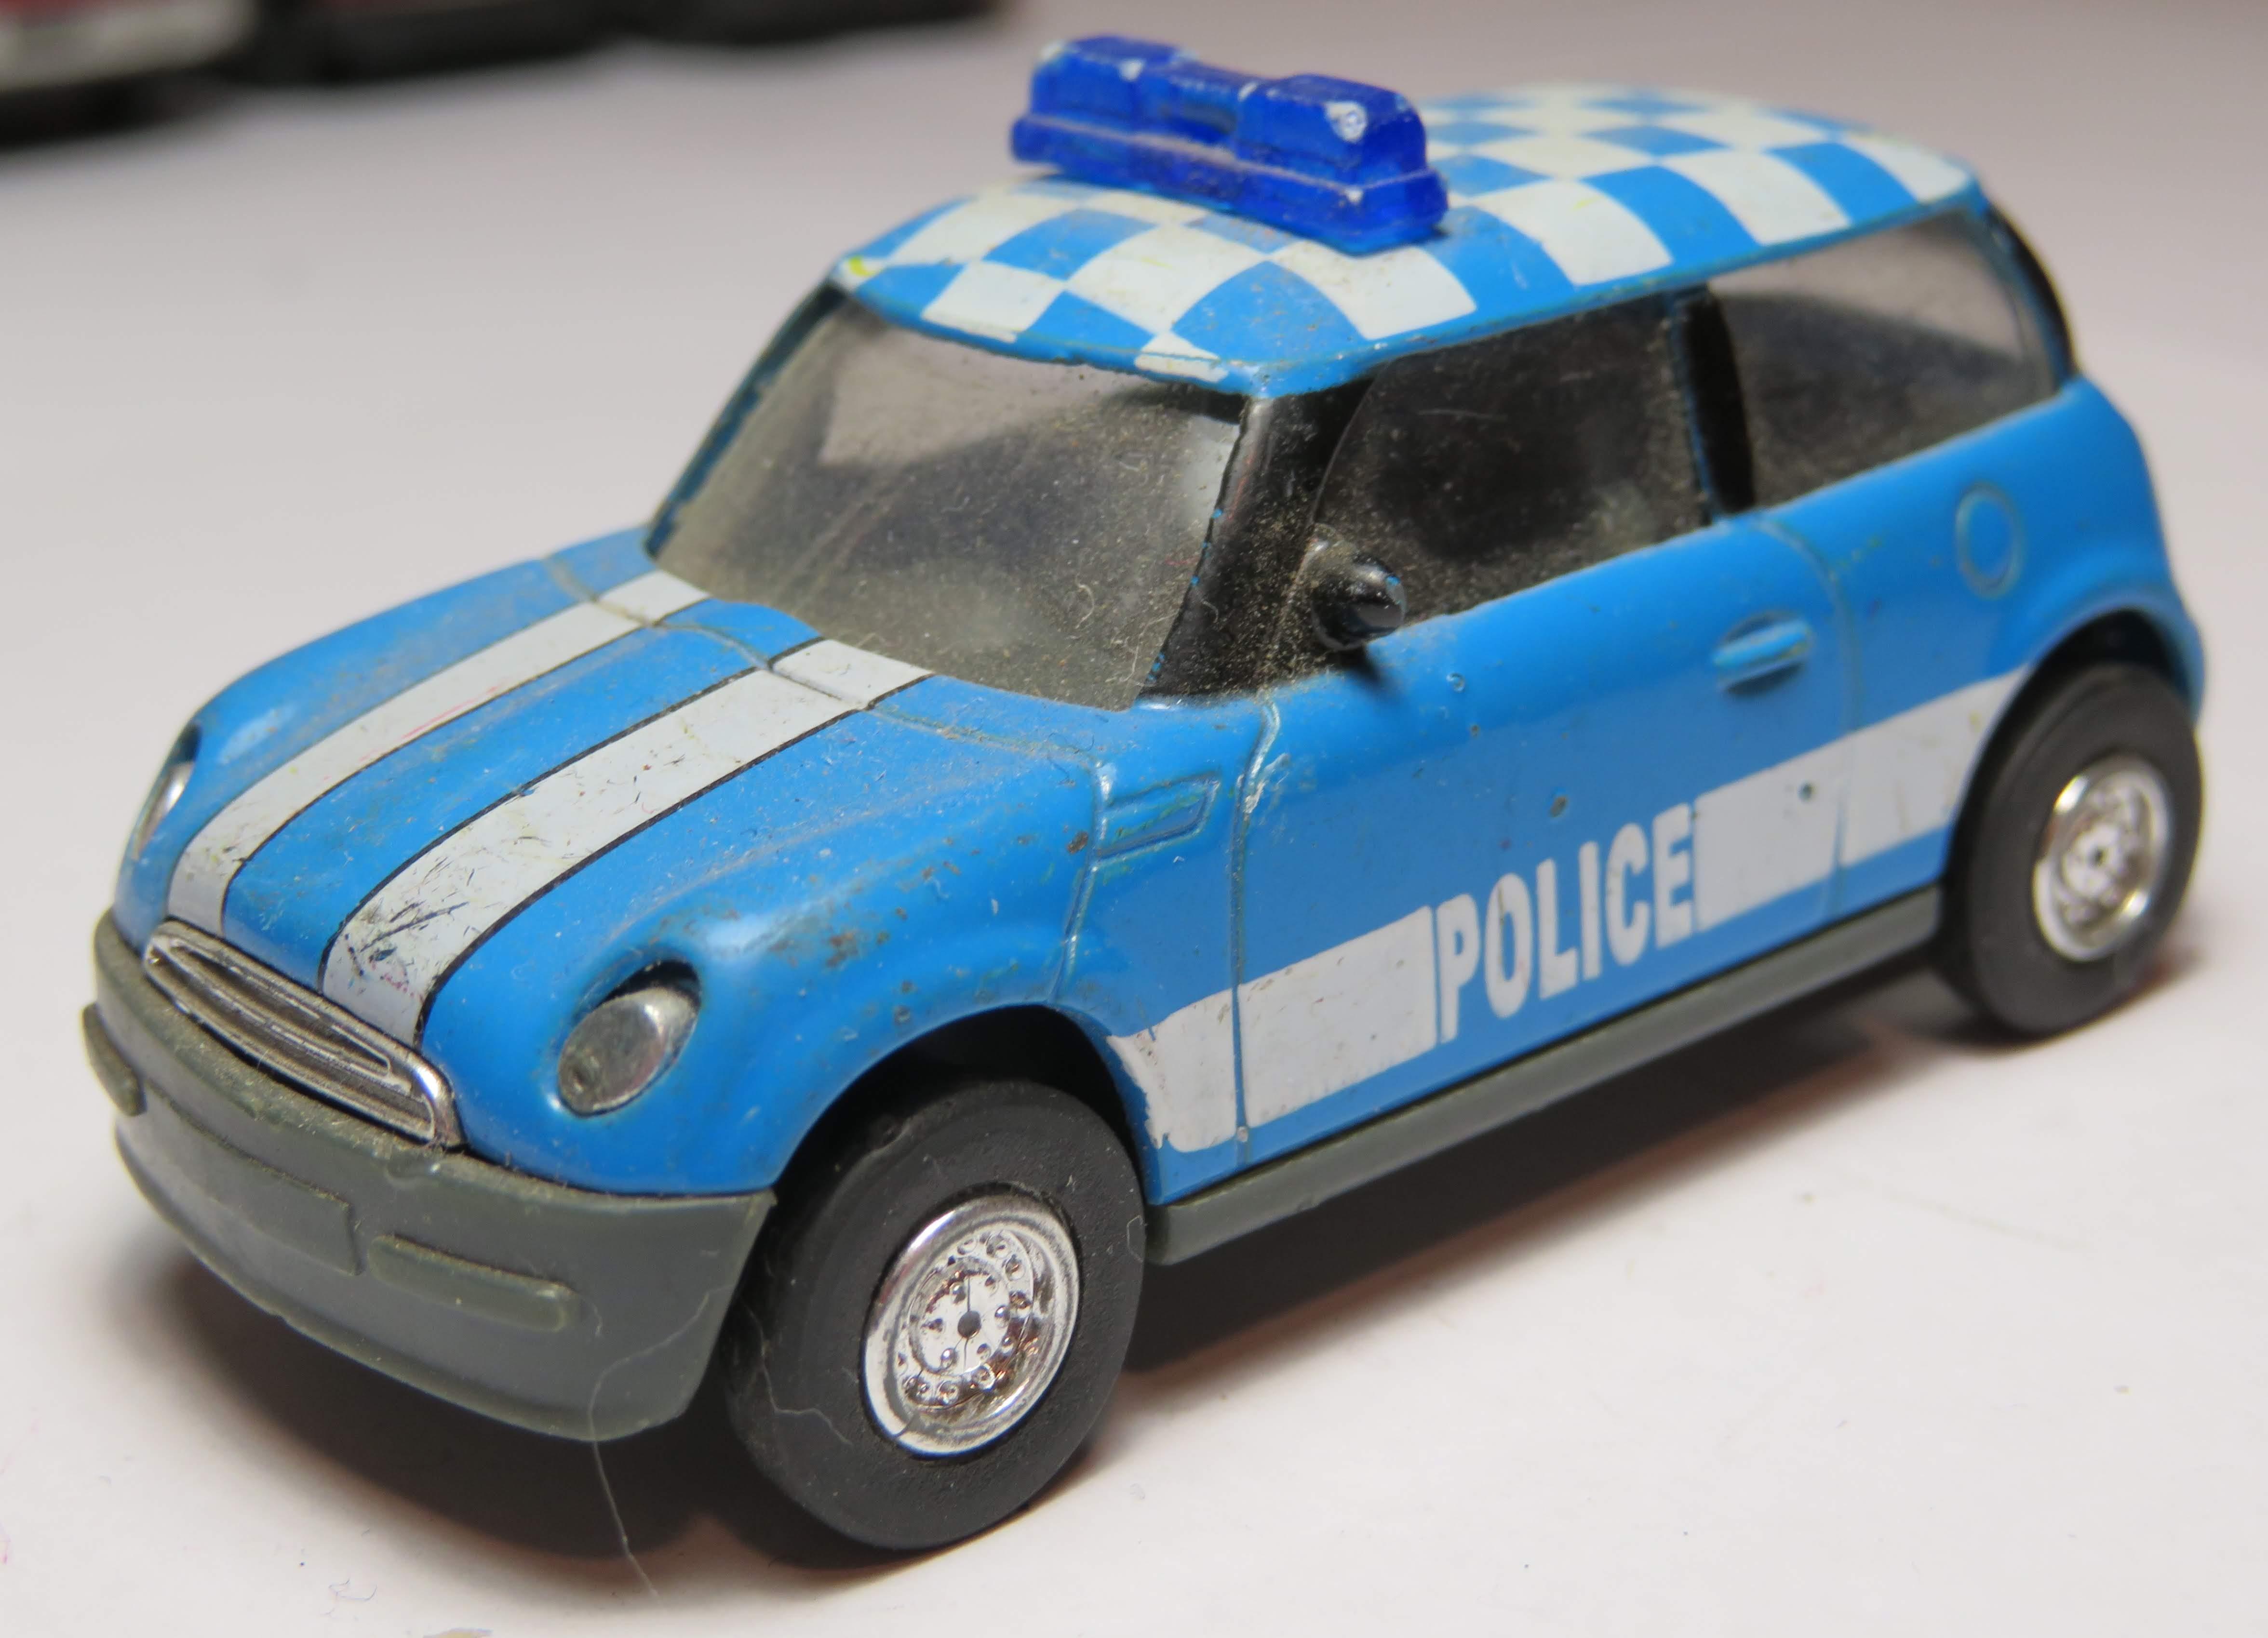 file:mini cooper police cruiserunknown manufacturer